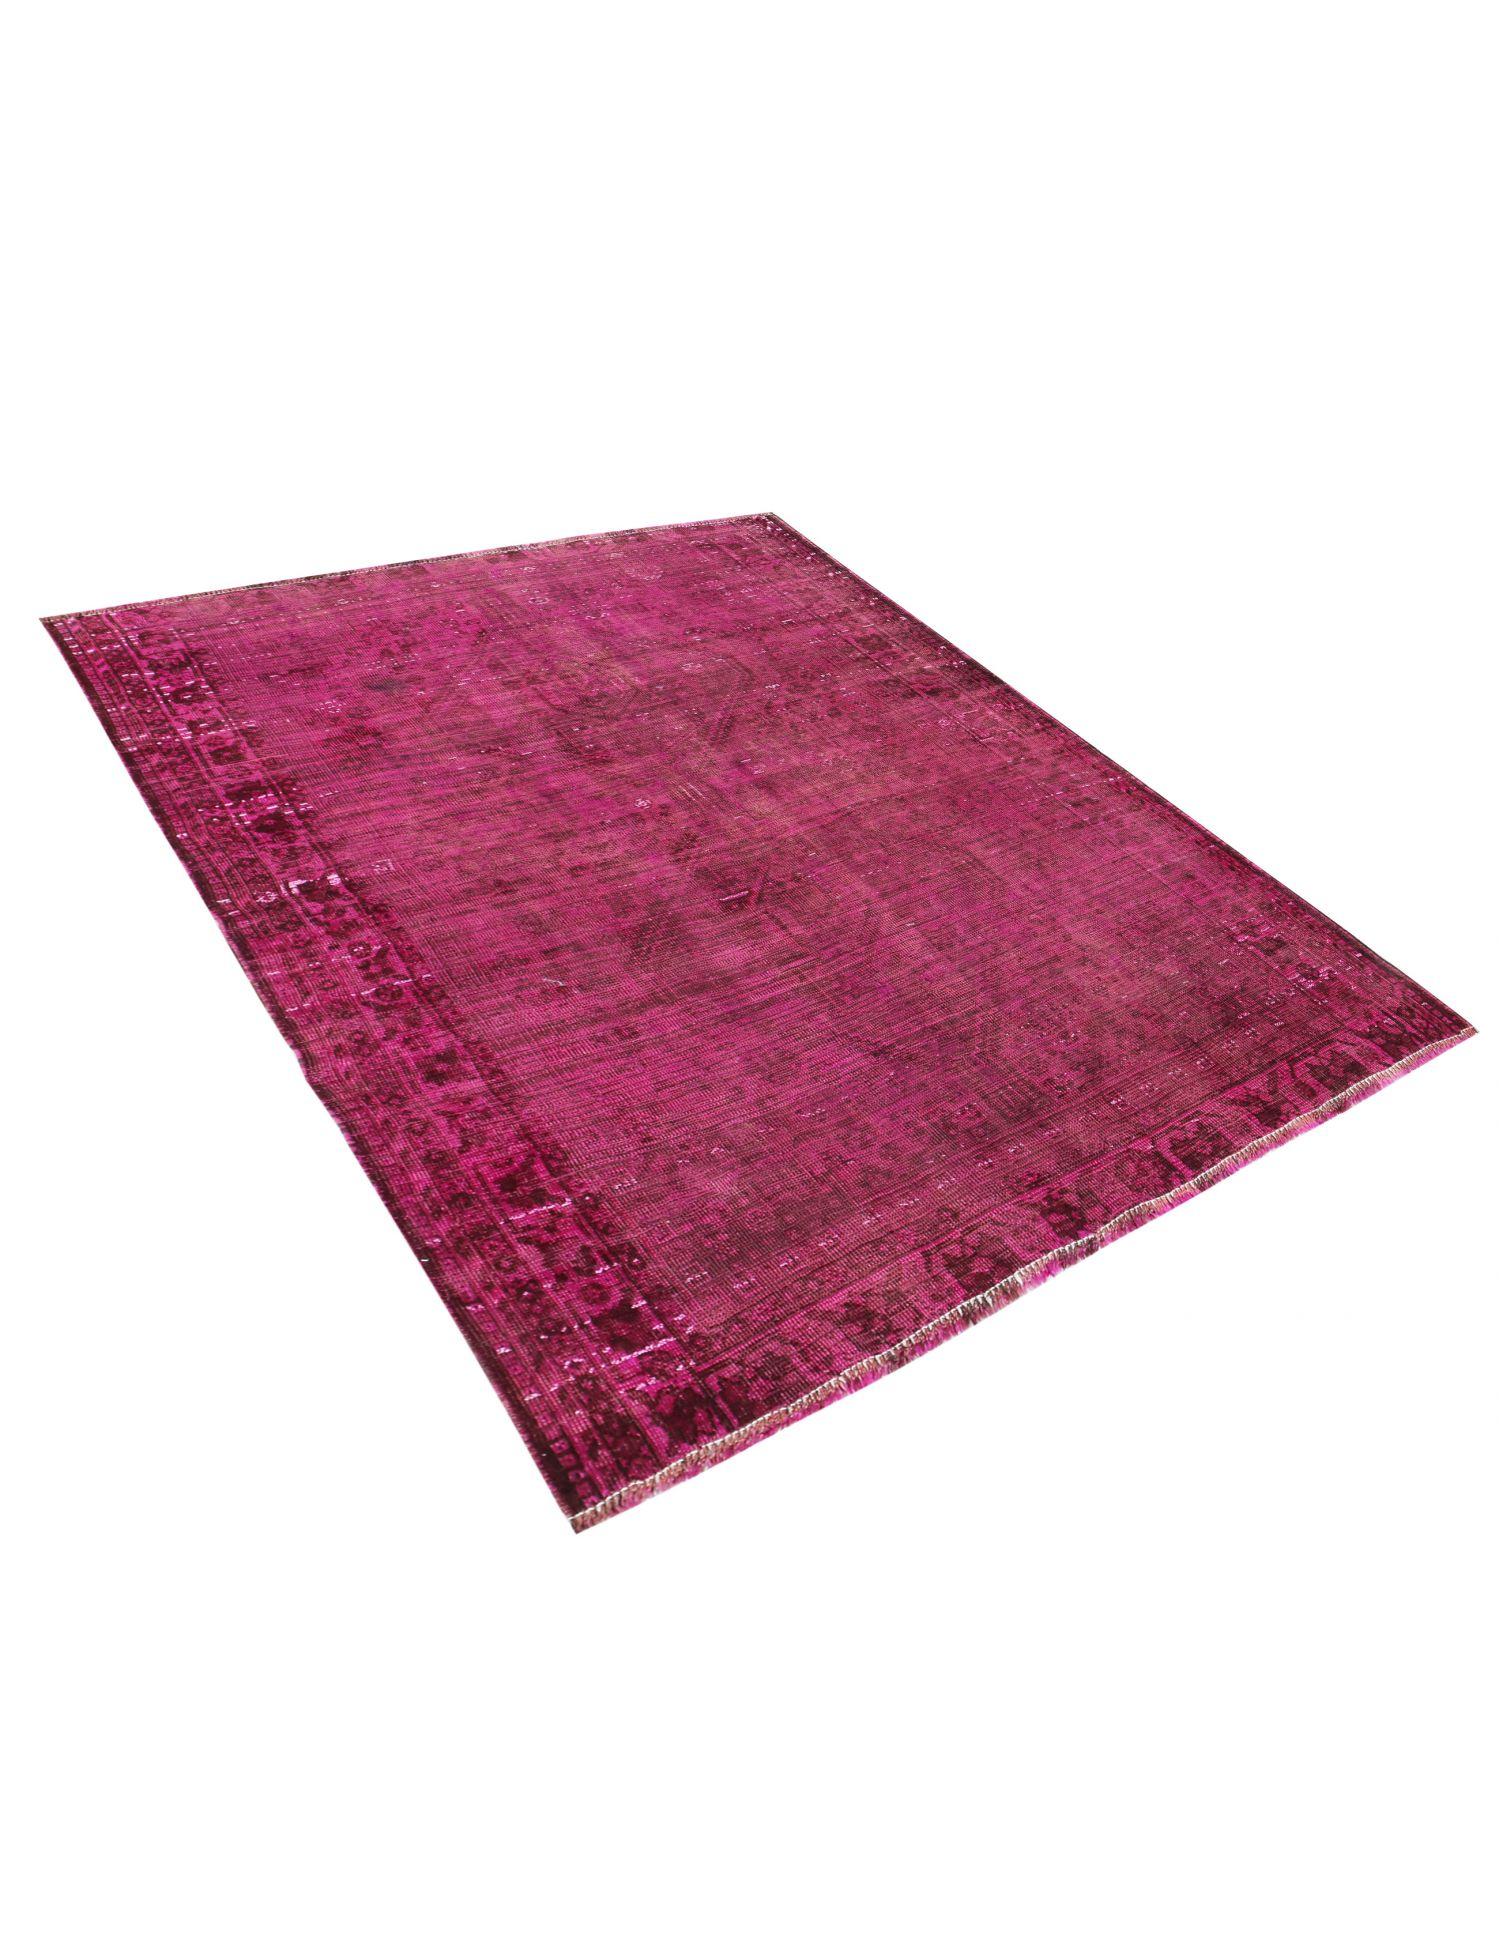 Vintage Teppich  rosa <br/>183 x 160 cm